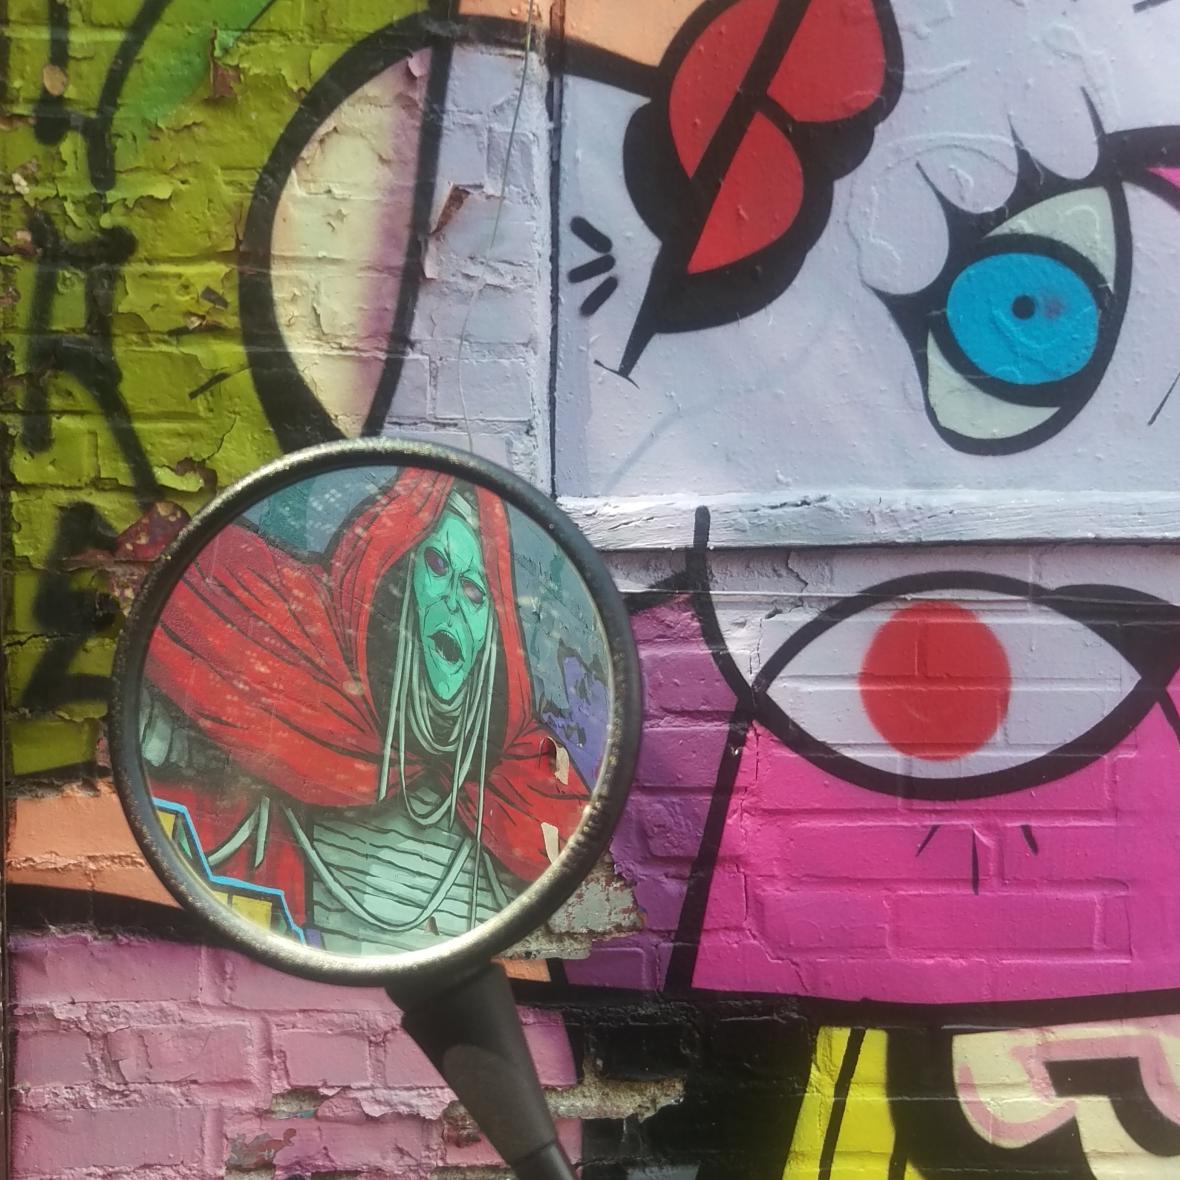 Graffiti Reflection